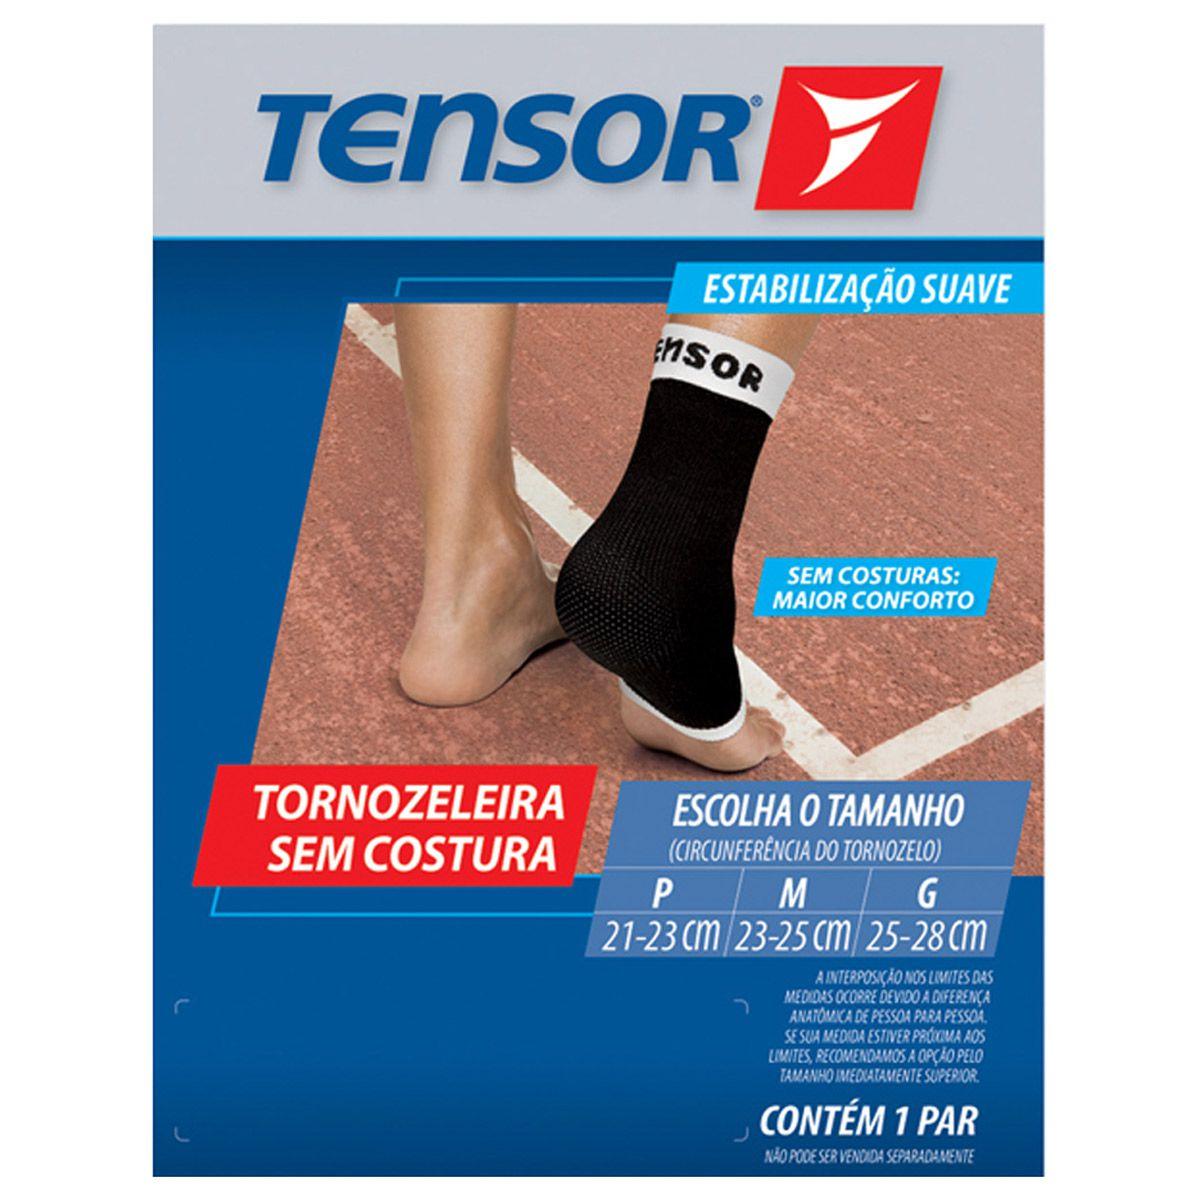 Tornozeleira Elástica Sem Costura  Tensor - 6402 - Preta